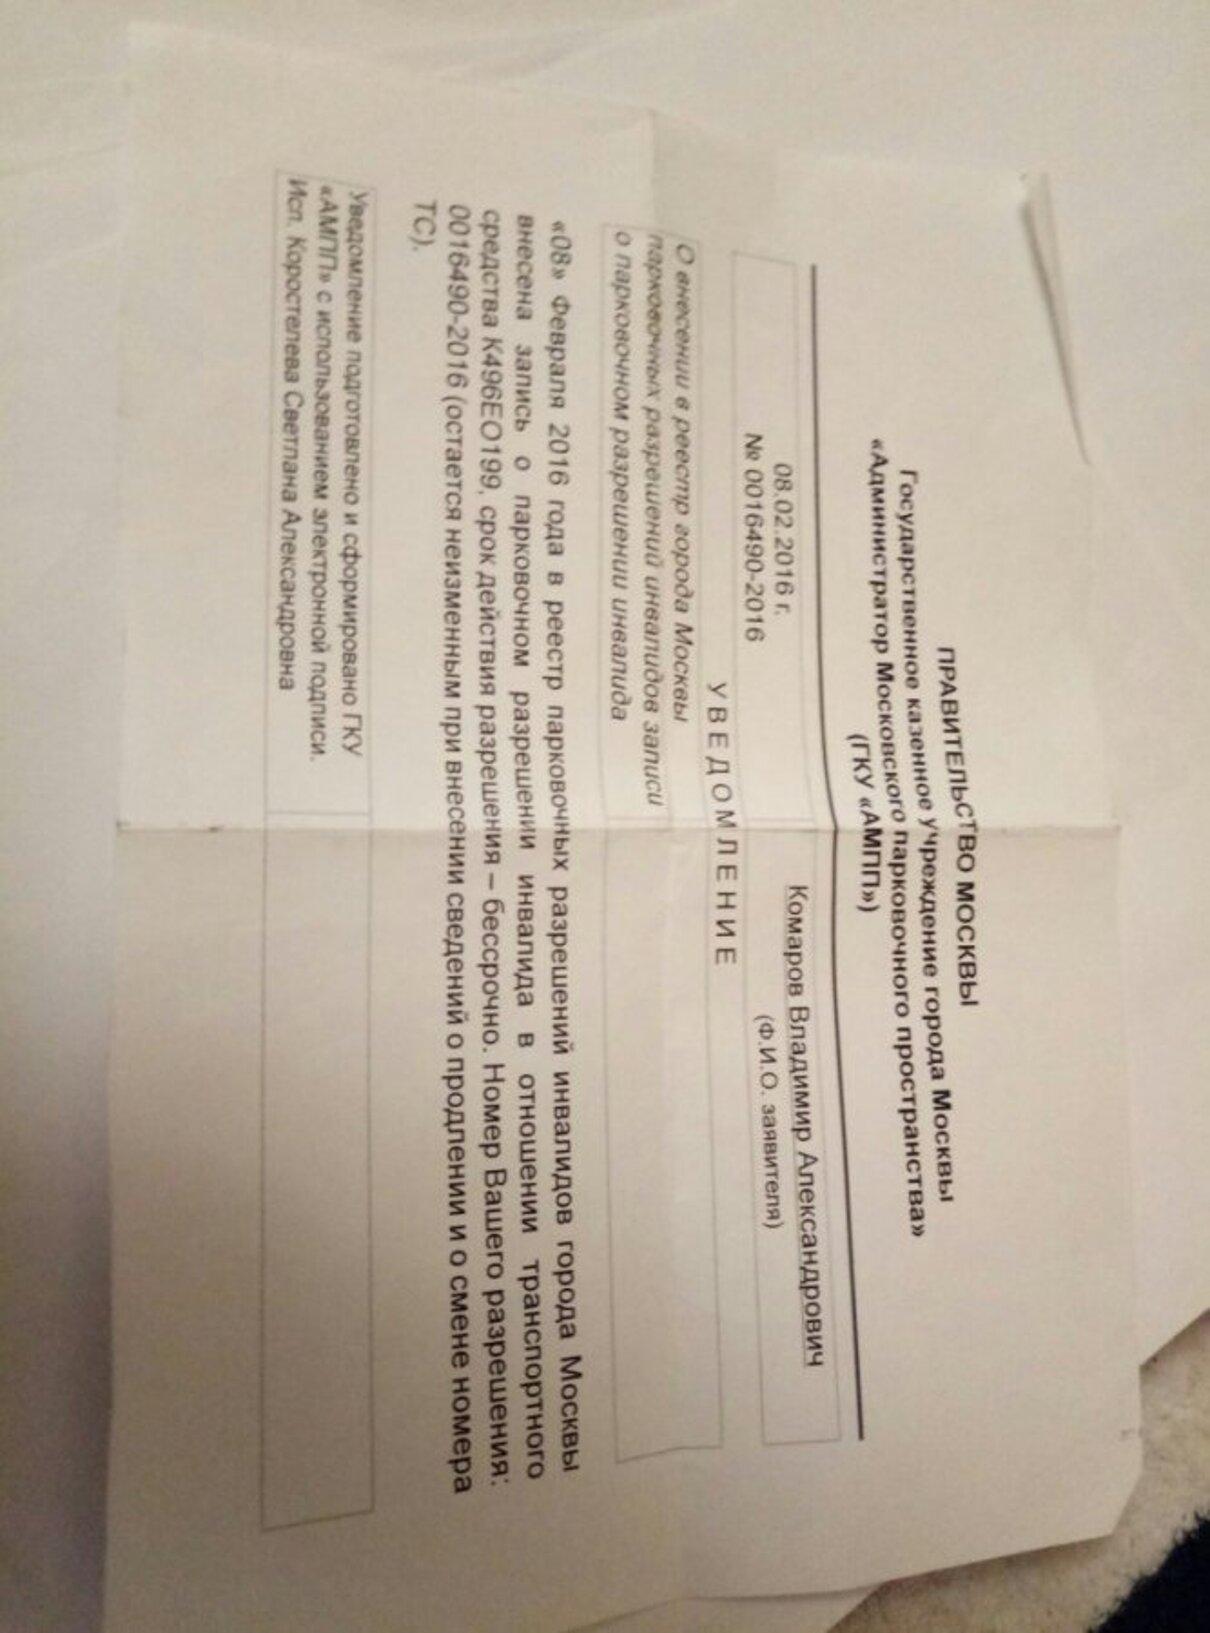 Жалоба-отзыв: Степанов Кирилл Валерьевич - Несправедливый штраф за парковку.  Фото №1